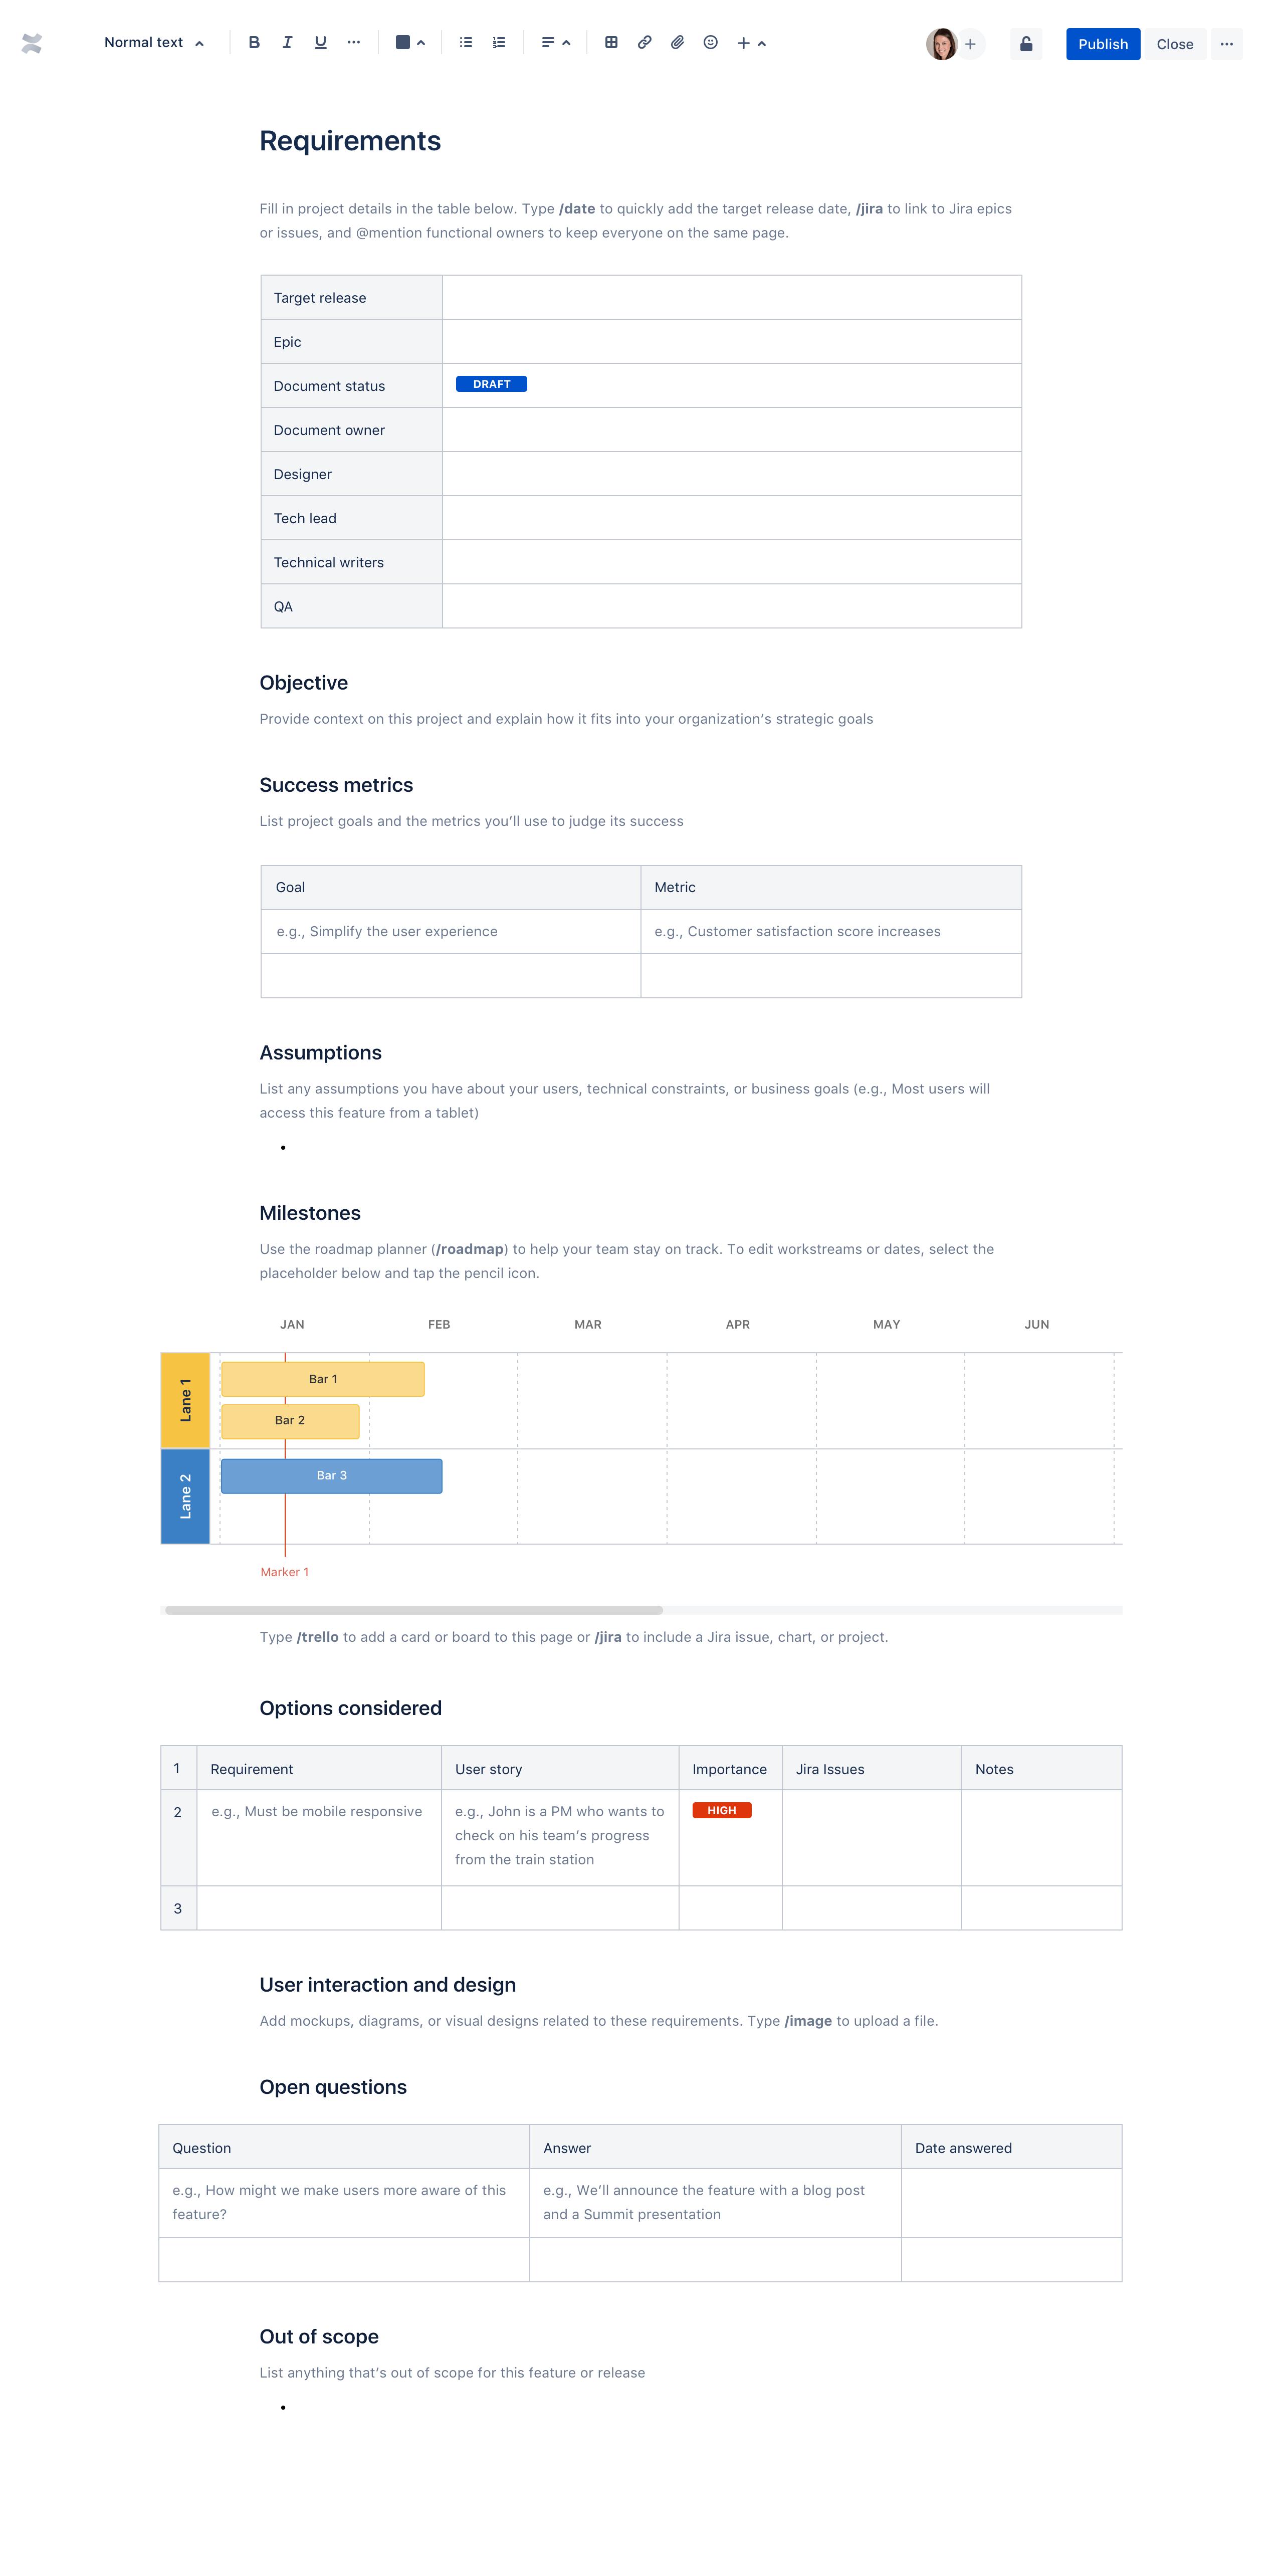 제품 요구 사항 문서 템플릿